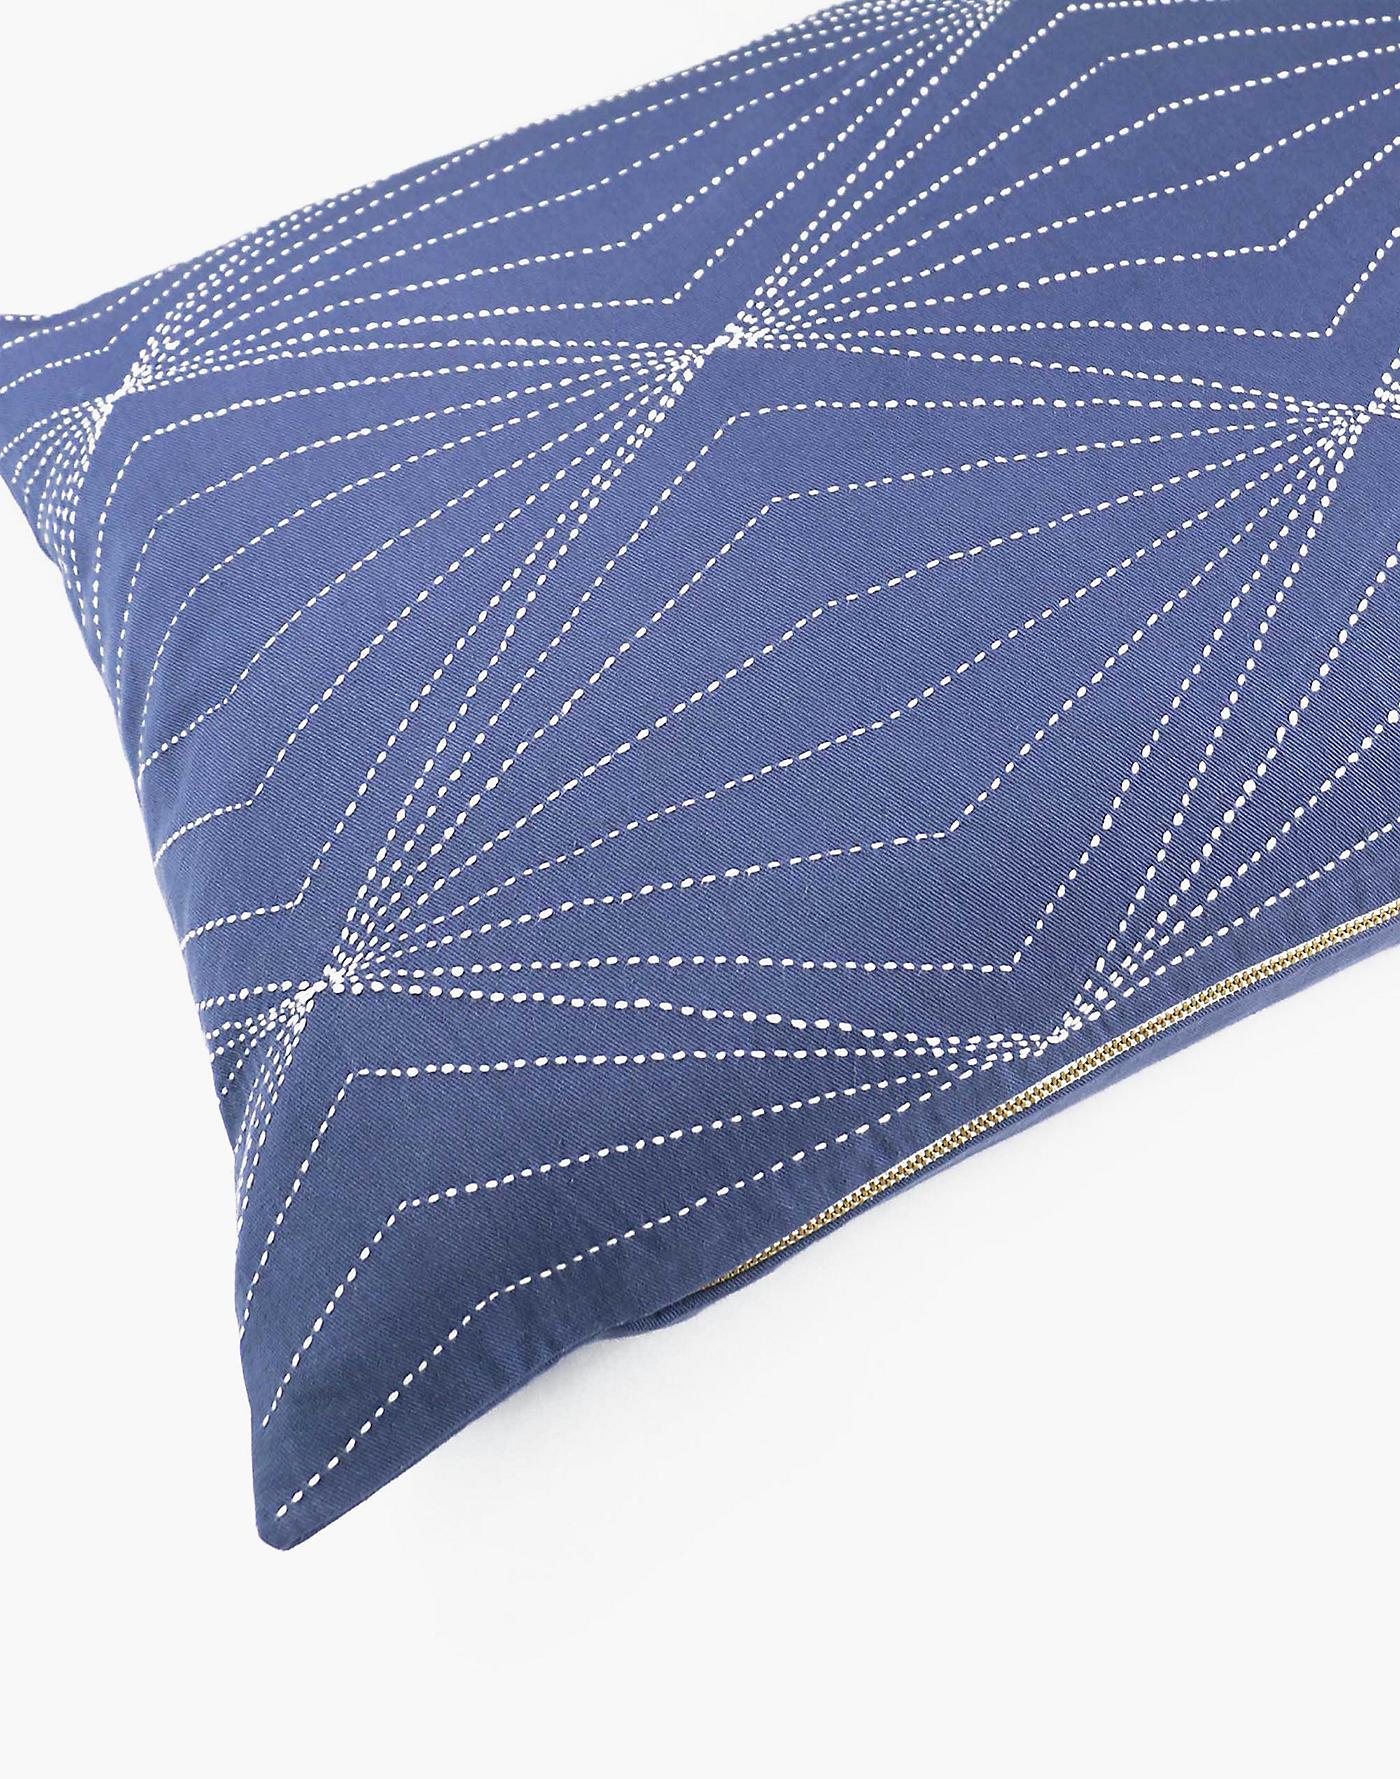 Madewell Anchal Organic Cotton Prism Lumbar Pillow